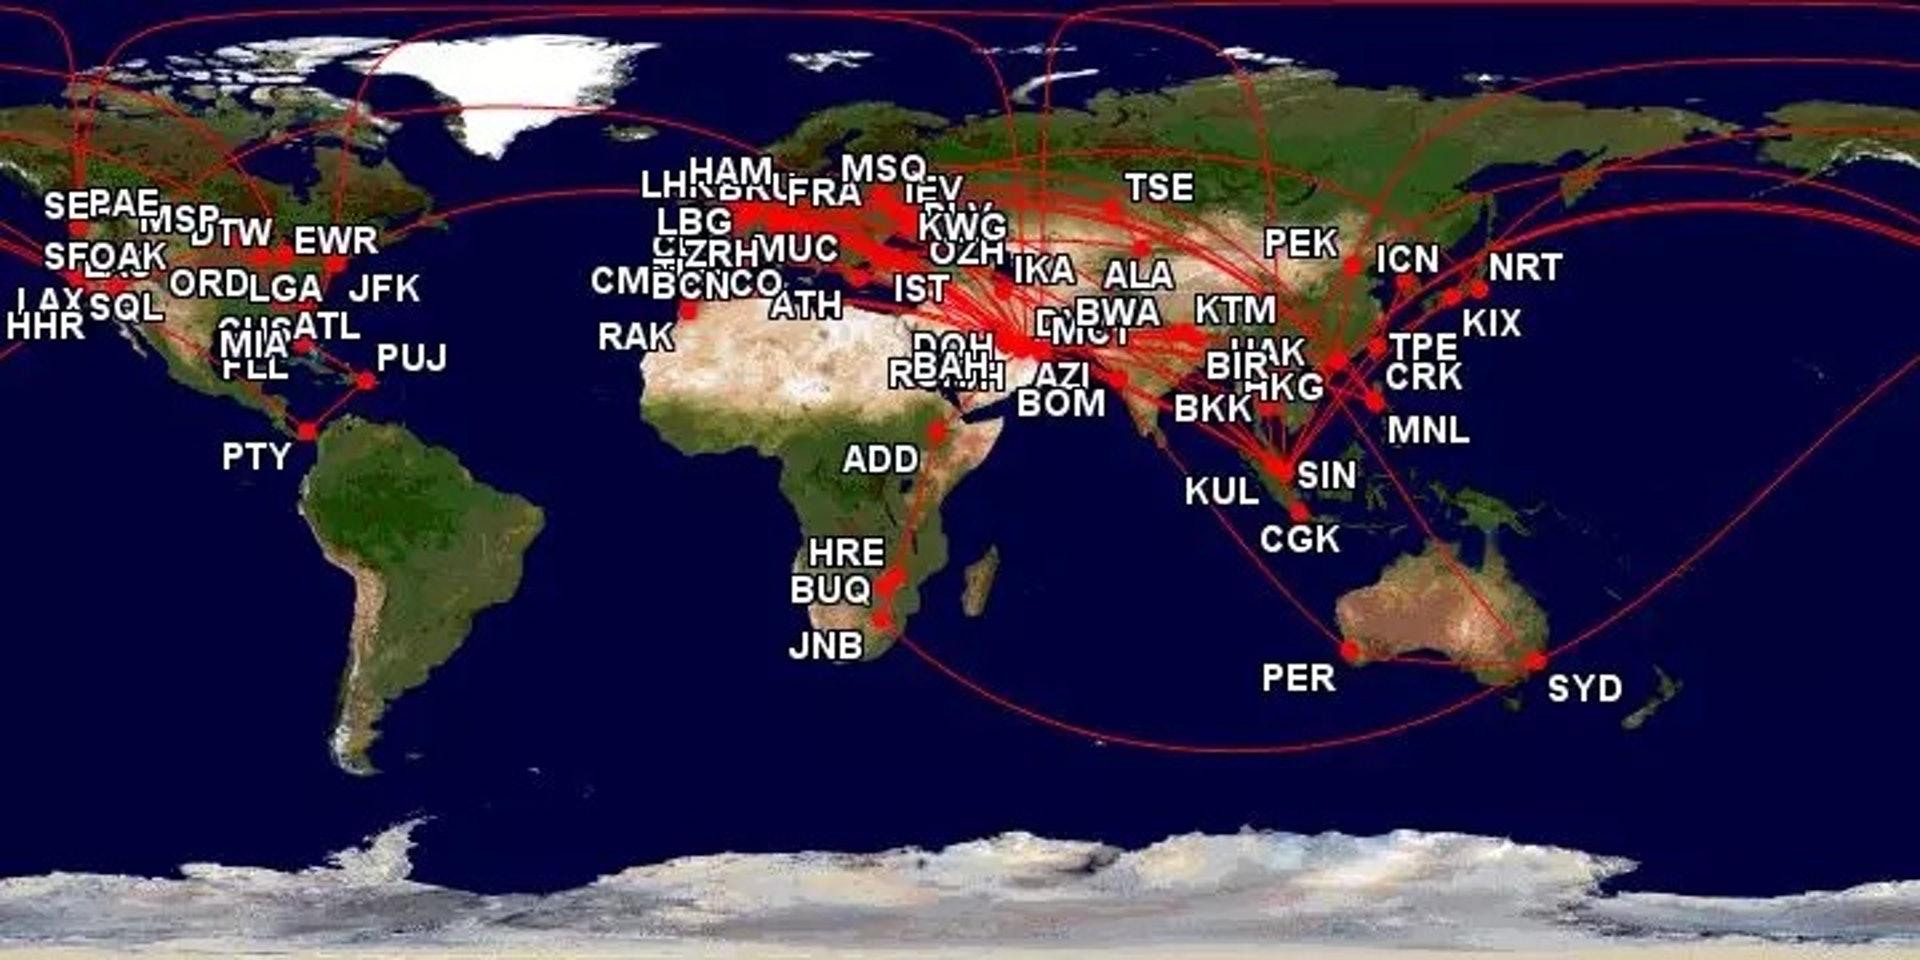 2018年Sam的飛行地圖(一条授權使用)